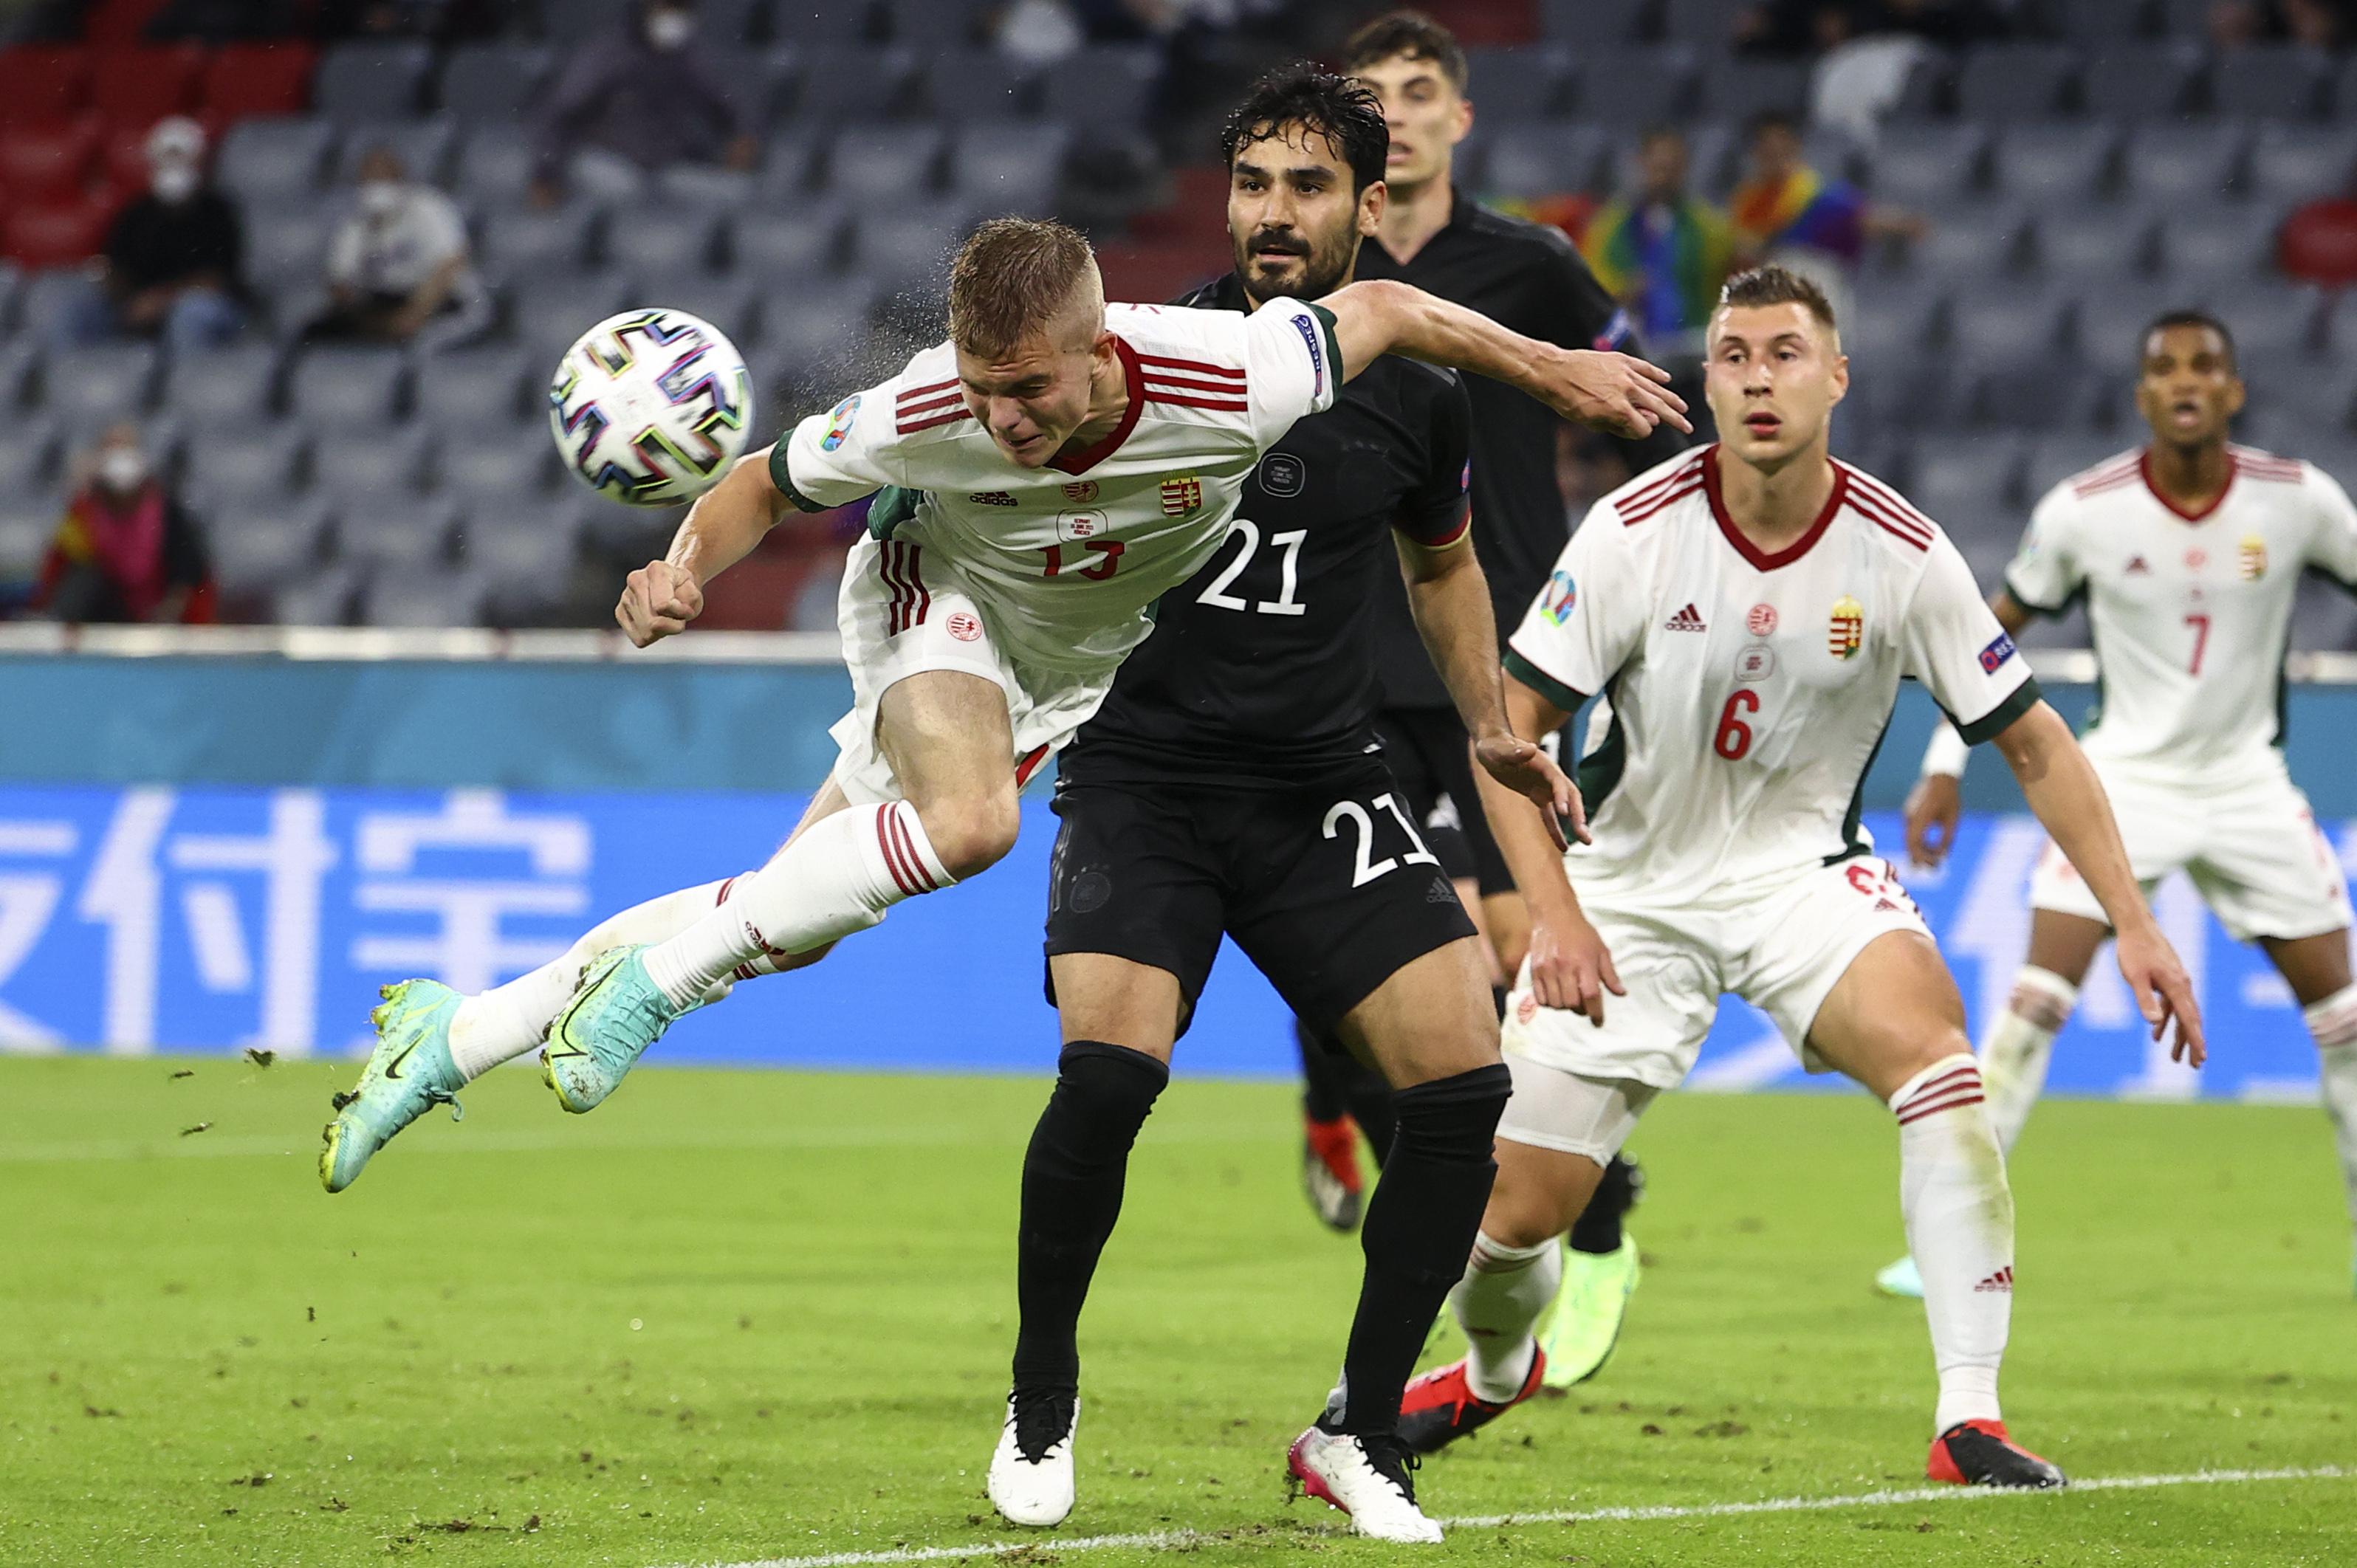 Quedan definidos los cruces de octavos de final en la Euro, Inglaterra y Alemania disputarán la llave más atractiva